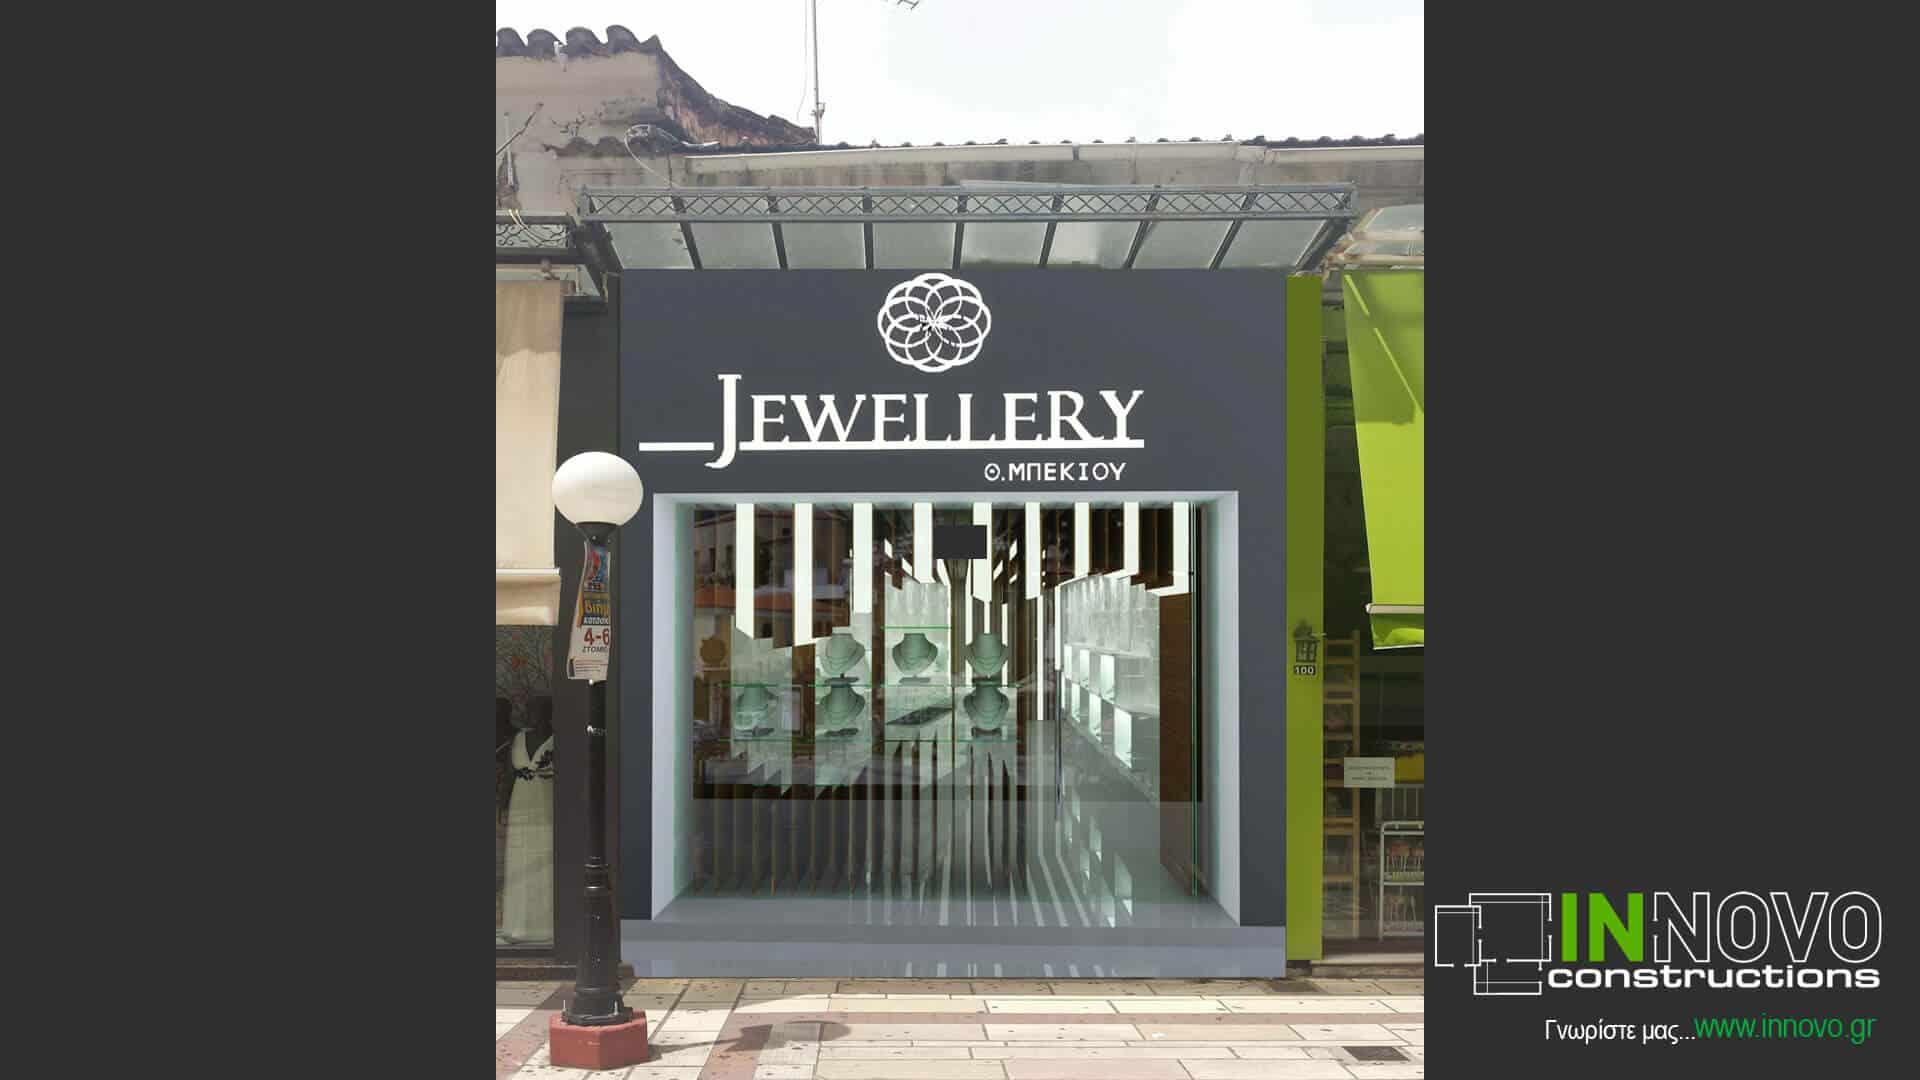 kataskevi-kosmimatopoleiou-jewelry-construction-kosmhmatopoleio-arta-1845-5